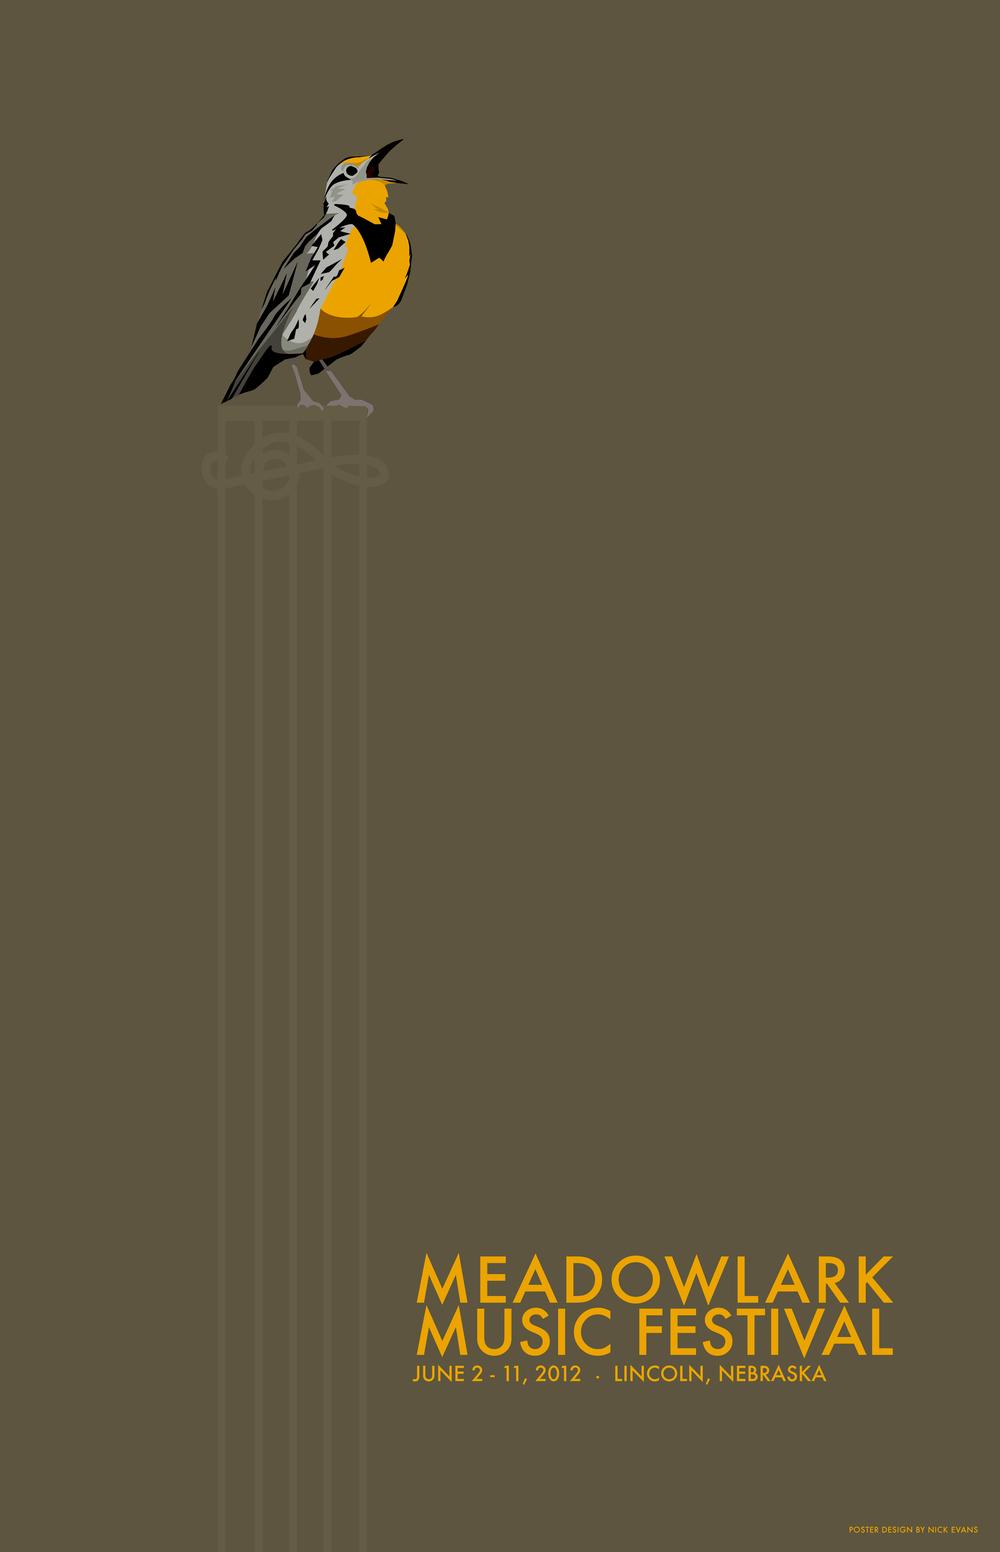 MeadowlarkMusic-Poster-2012.jpg